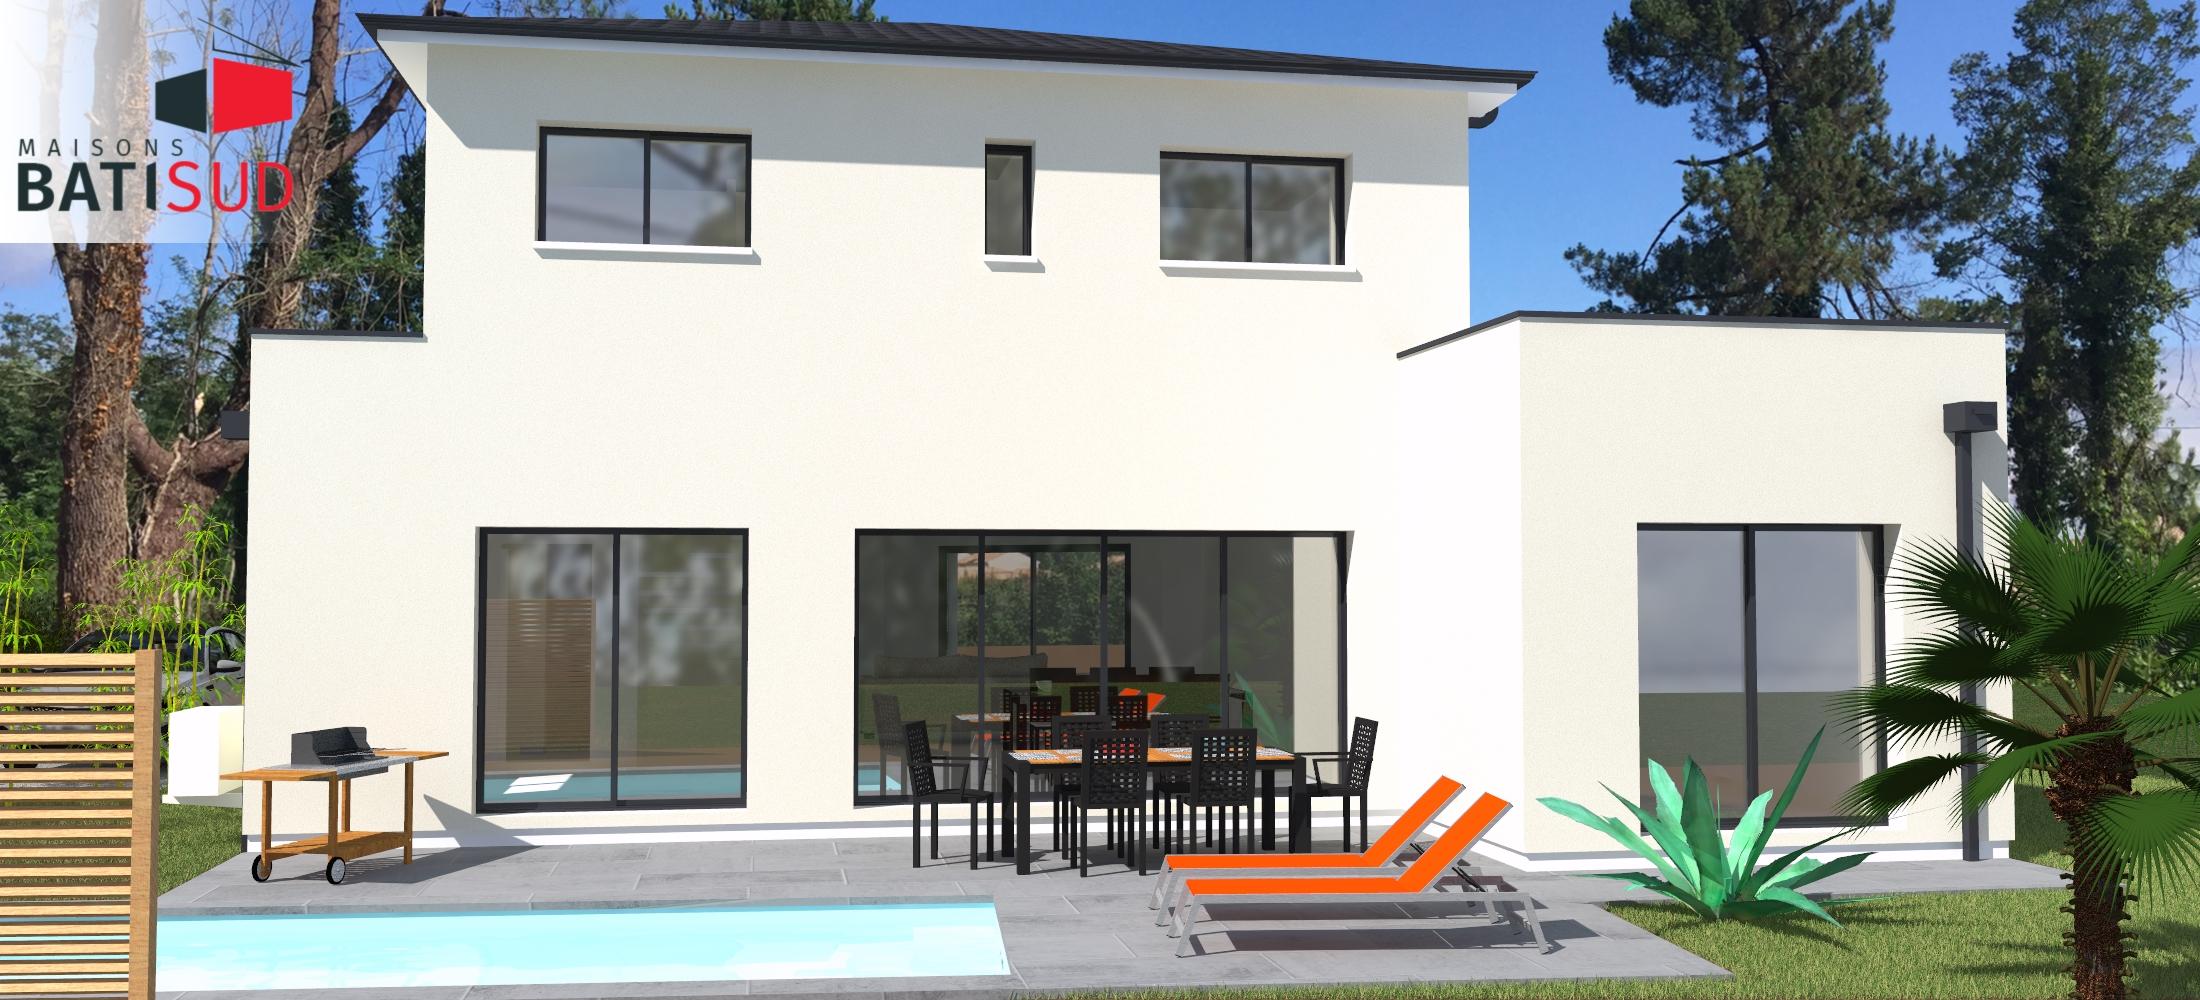 Maisons Bati Sud : Grande maison familiale et fonctionnelle à Léognan - Terrasse